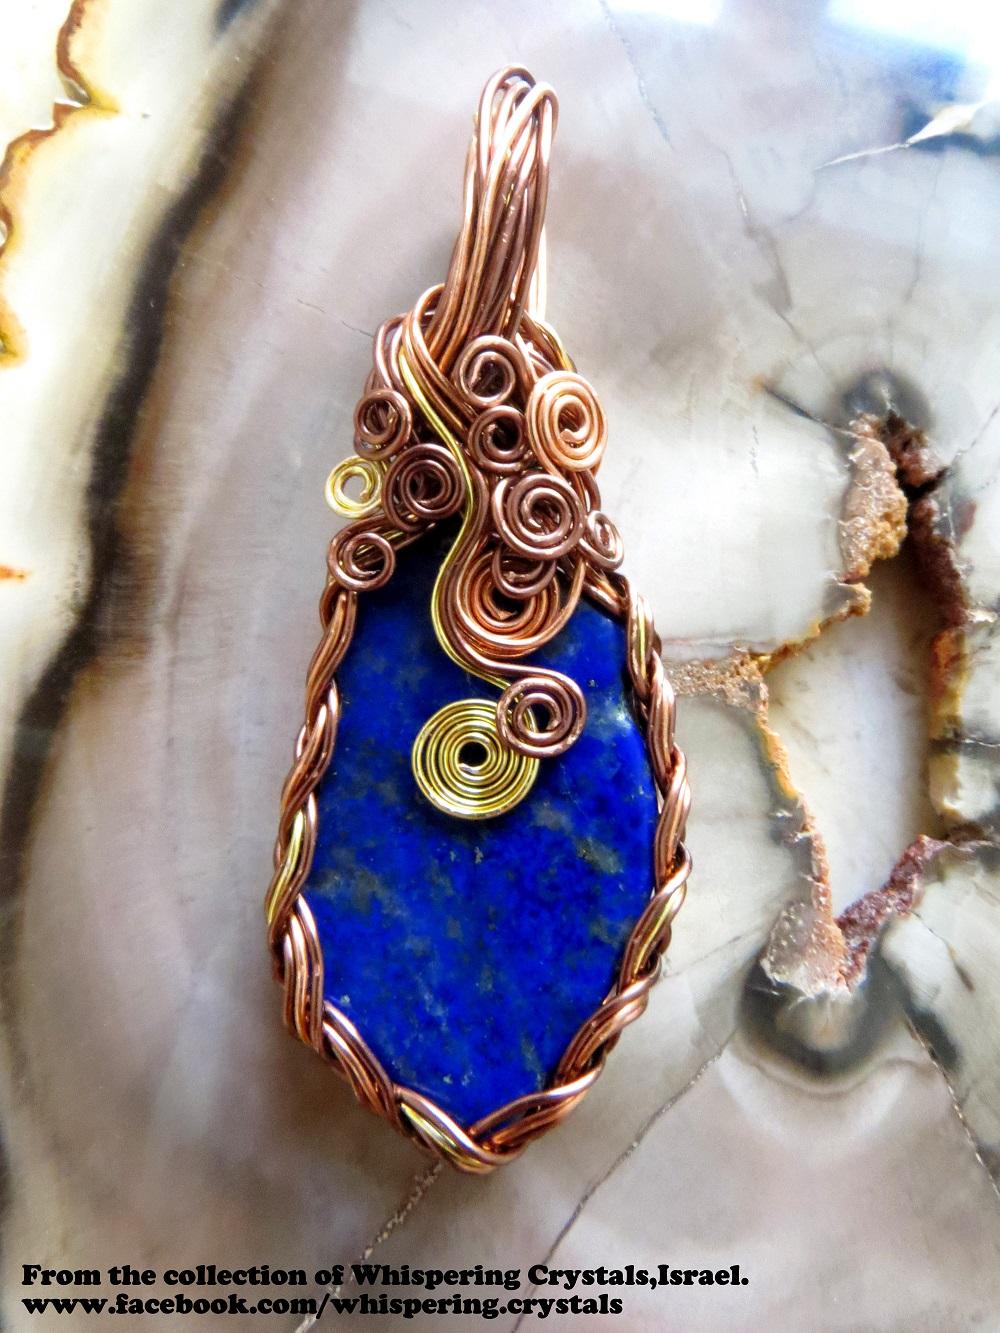 תליון לאפיס משובצת בנחושת. מהאוסף של 'וויספרינג קריסטלס' www.facebook.com/whispering.crystals